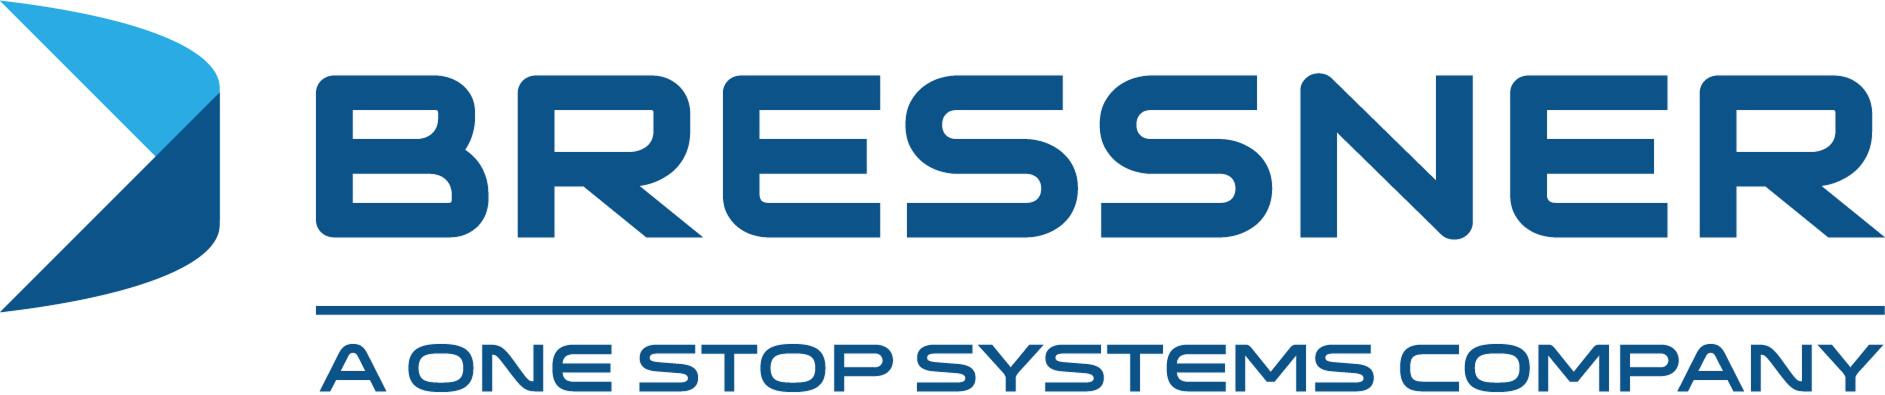 Bressner Technology